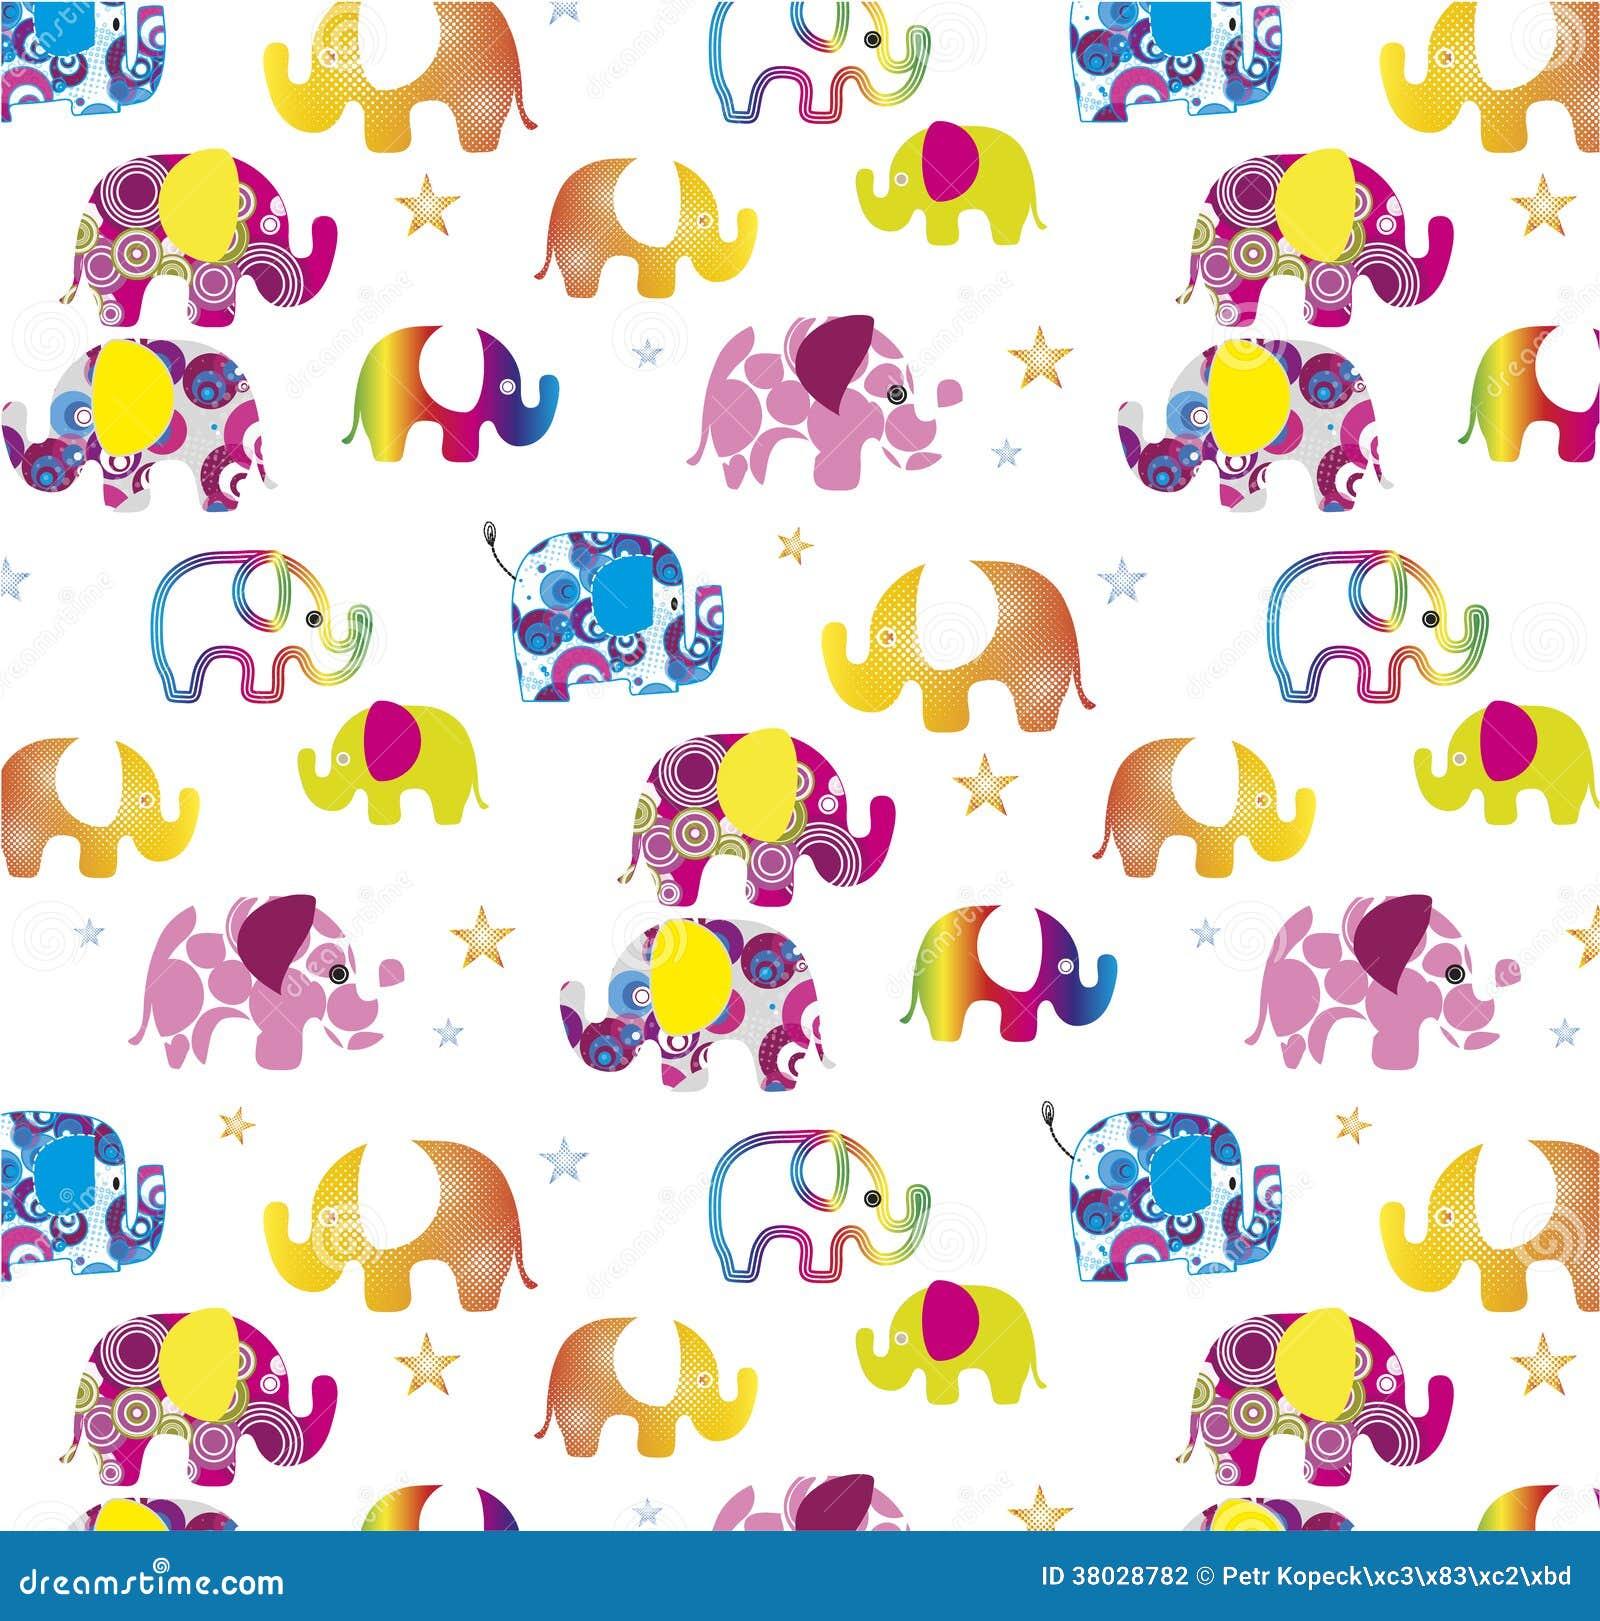 Elephant Background Stock Photography - Image: 38028782